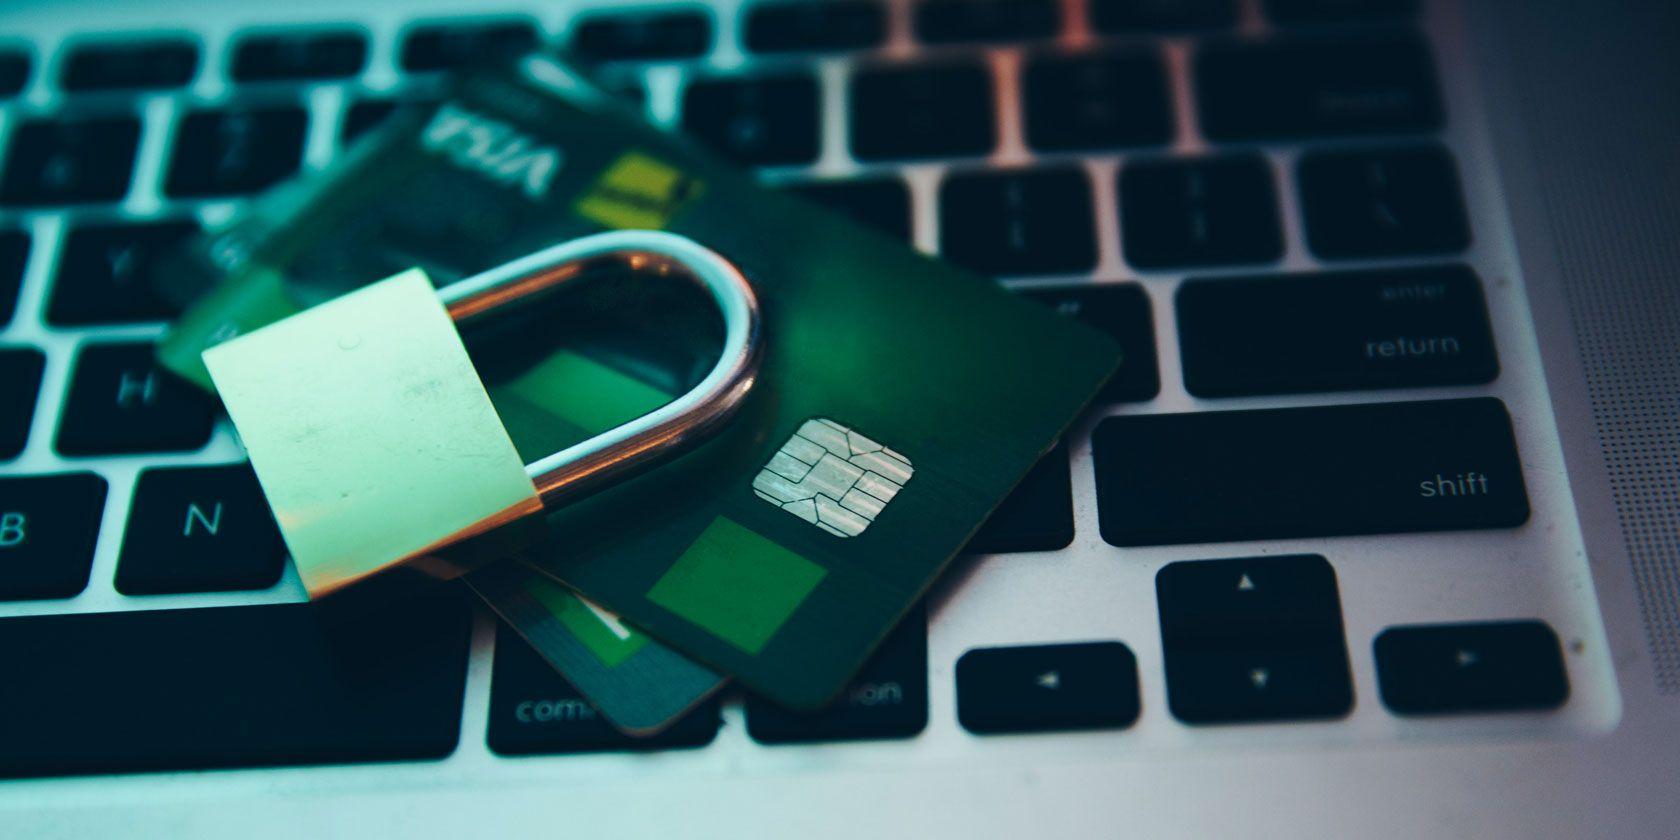 tech-support-refund-scam